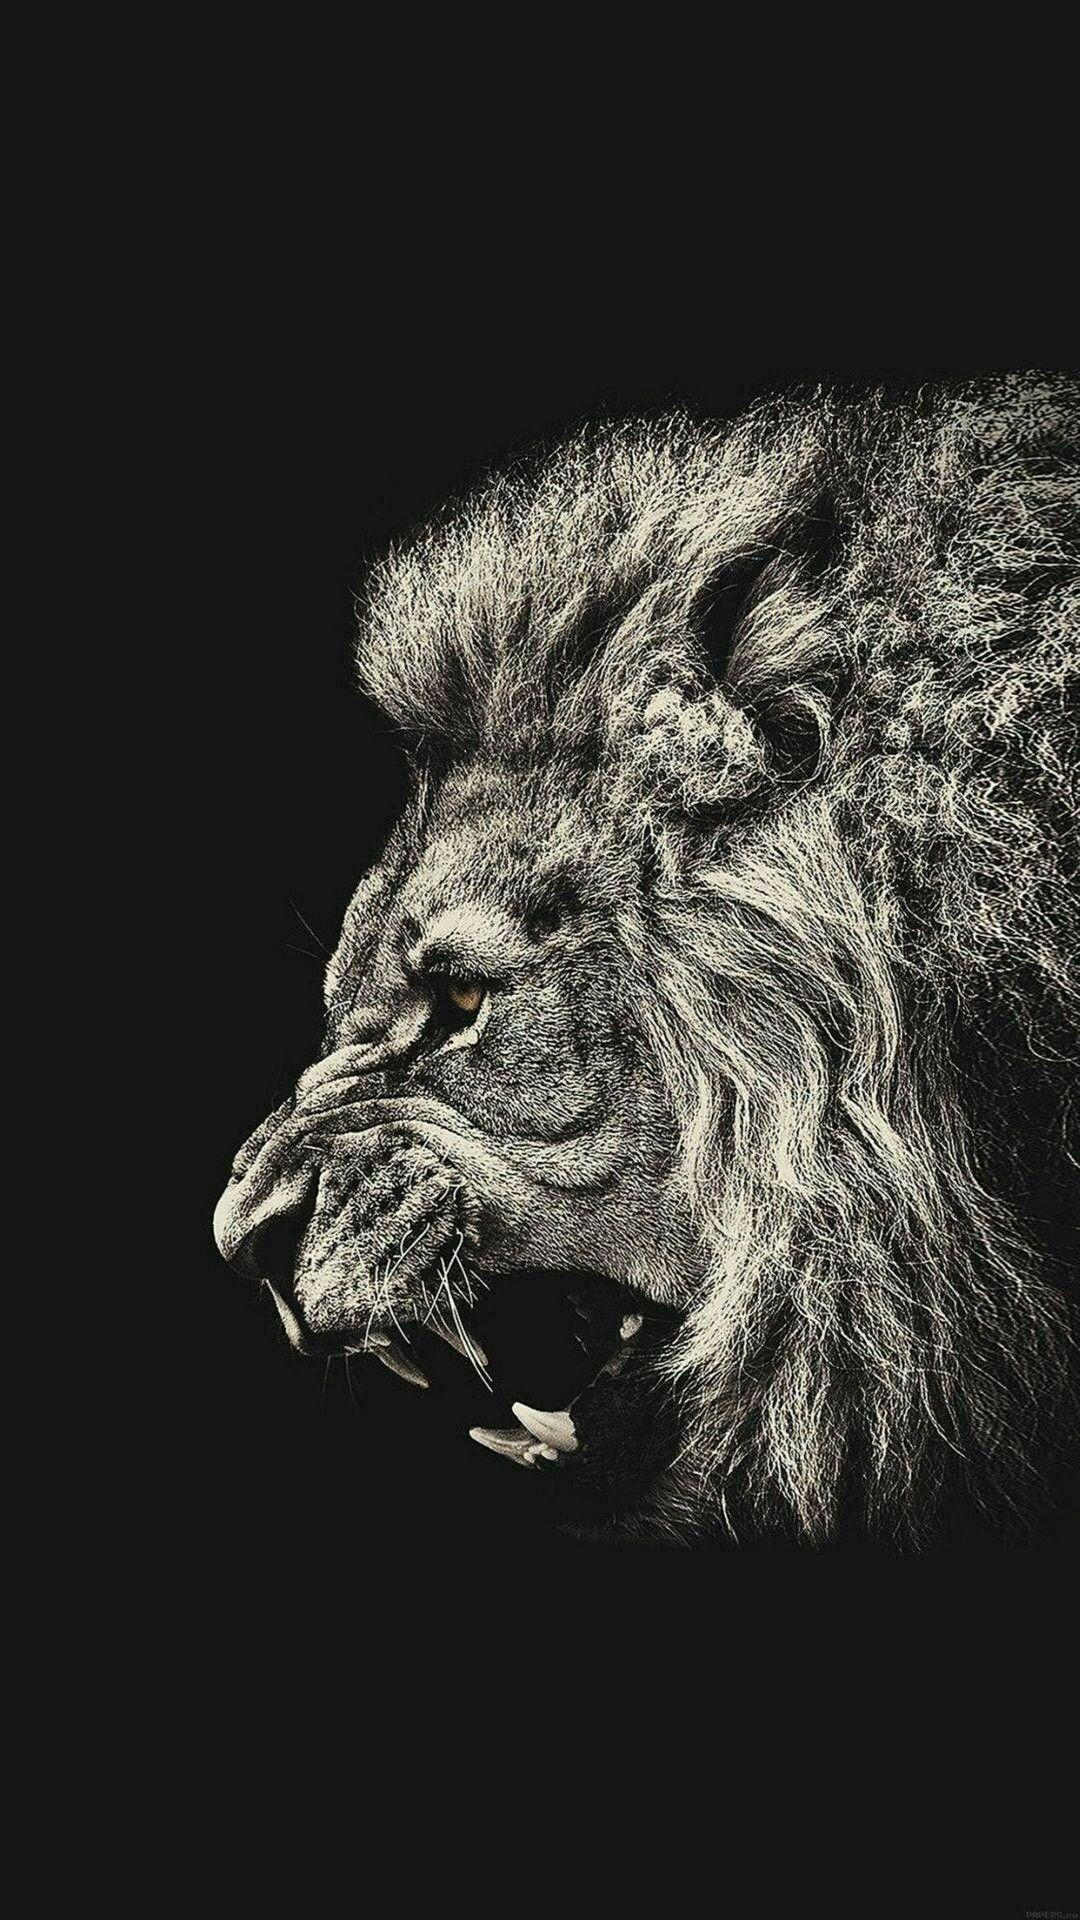 Epingle Par Abdelhakim Sur 4k Wallpaper Photographie De Lion Fond D Ecran Lion Fond Ecran Animaux